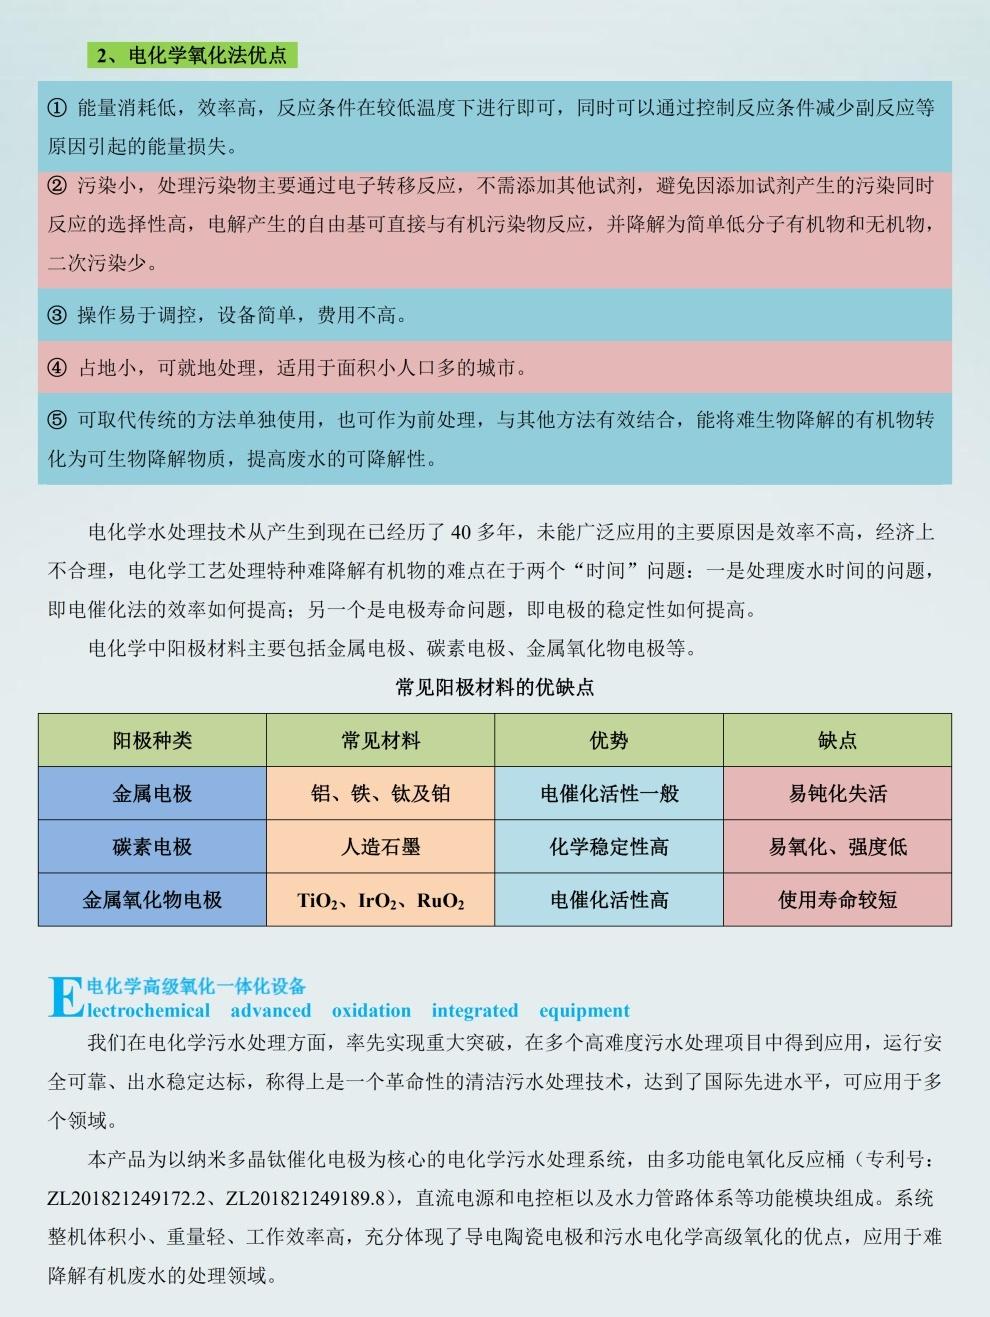 专利产品--电化学一体化设备更换_00_看图王.jpg